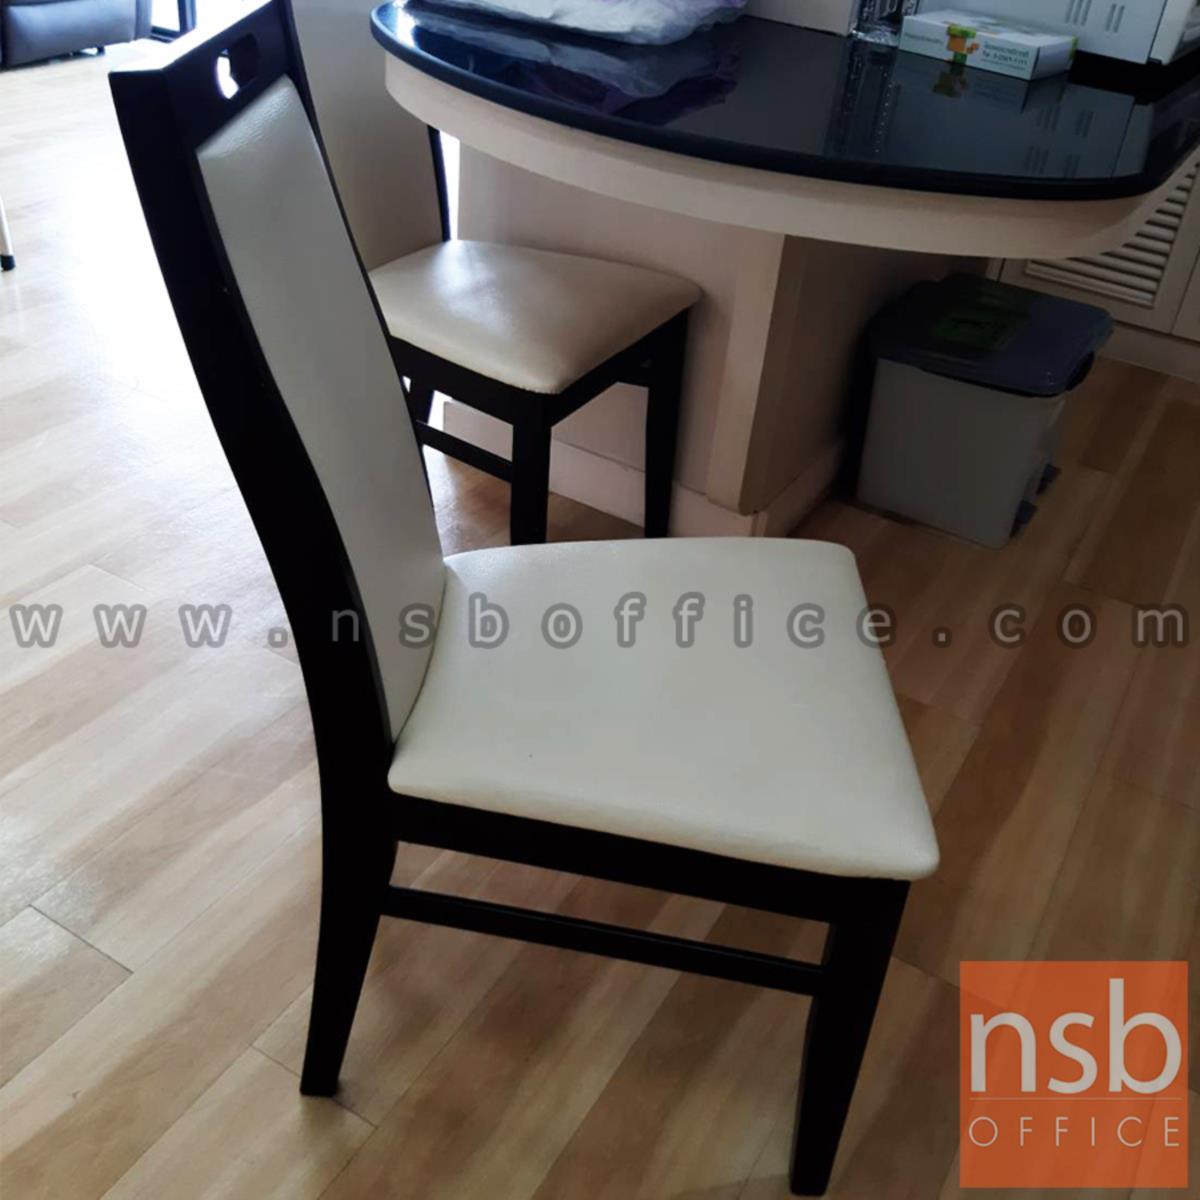 เก้าอี้ไม้ที่นั่งหุ้มหนังเทียม รุ่น GD- SB ขาไม้